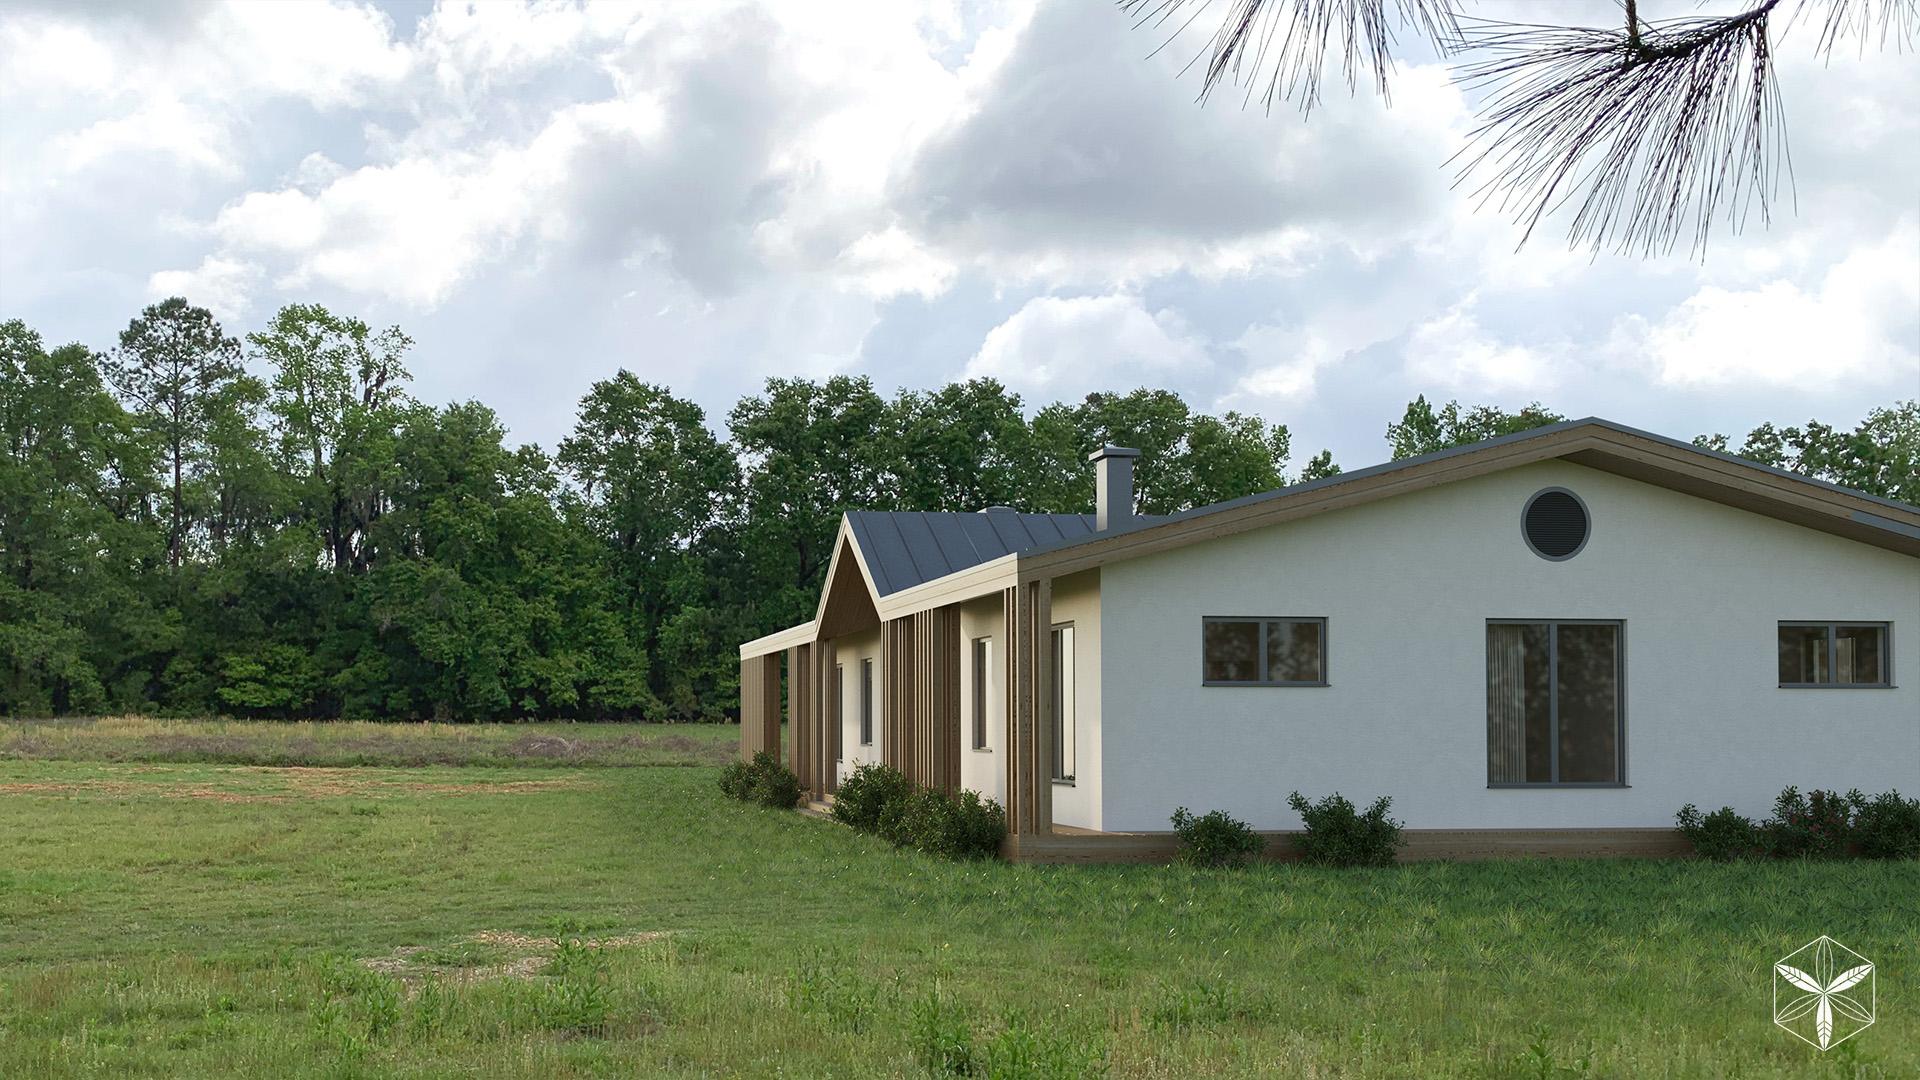 Изображение для проекта Каркасный дом с конопляным утеплителем во Флориде 2870